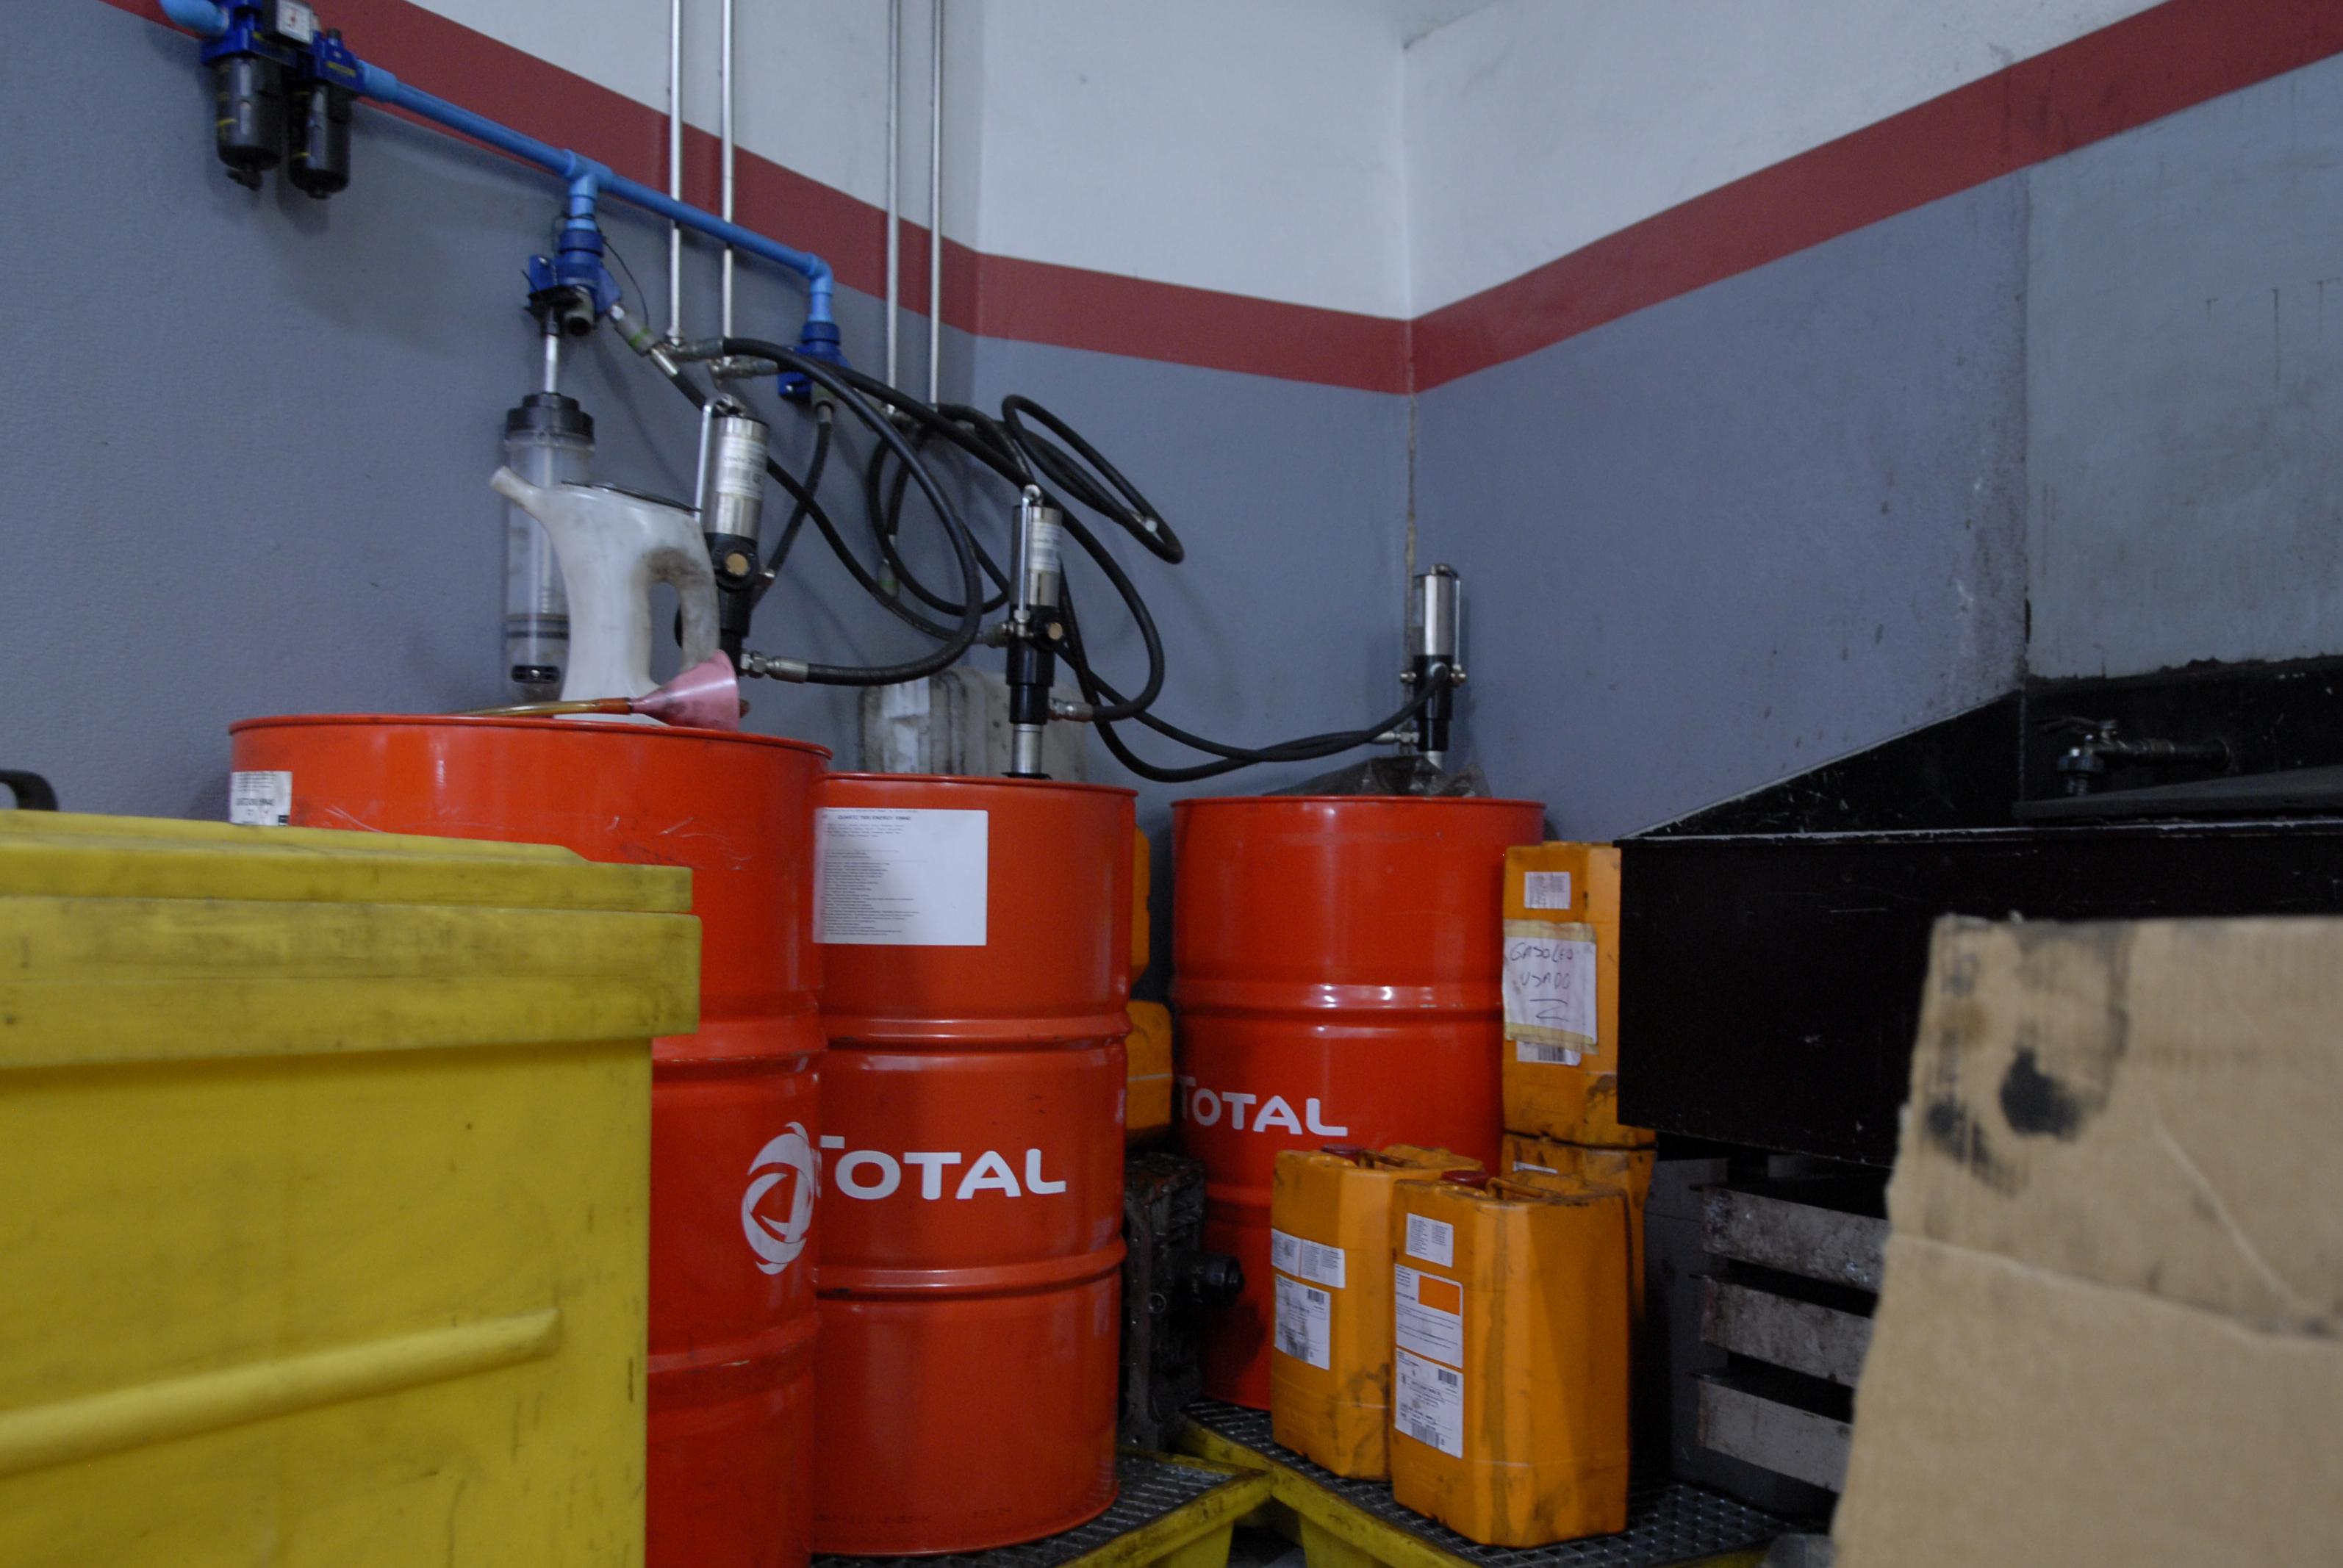 Recolha de óleos usados de produtores/detentores, sem código APA